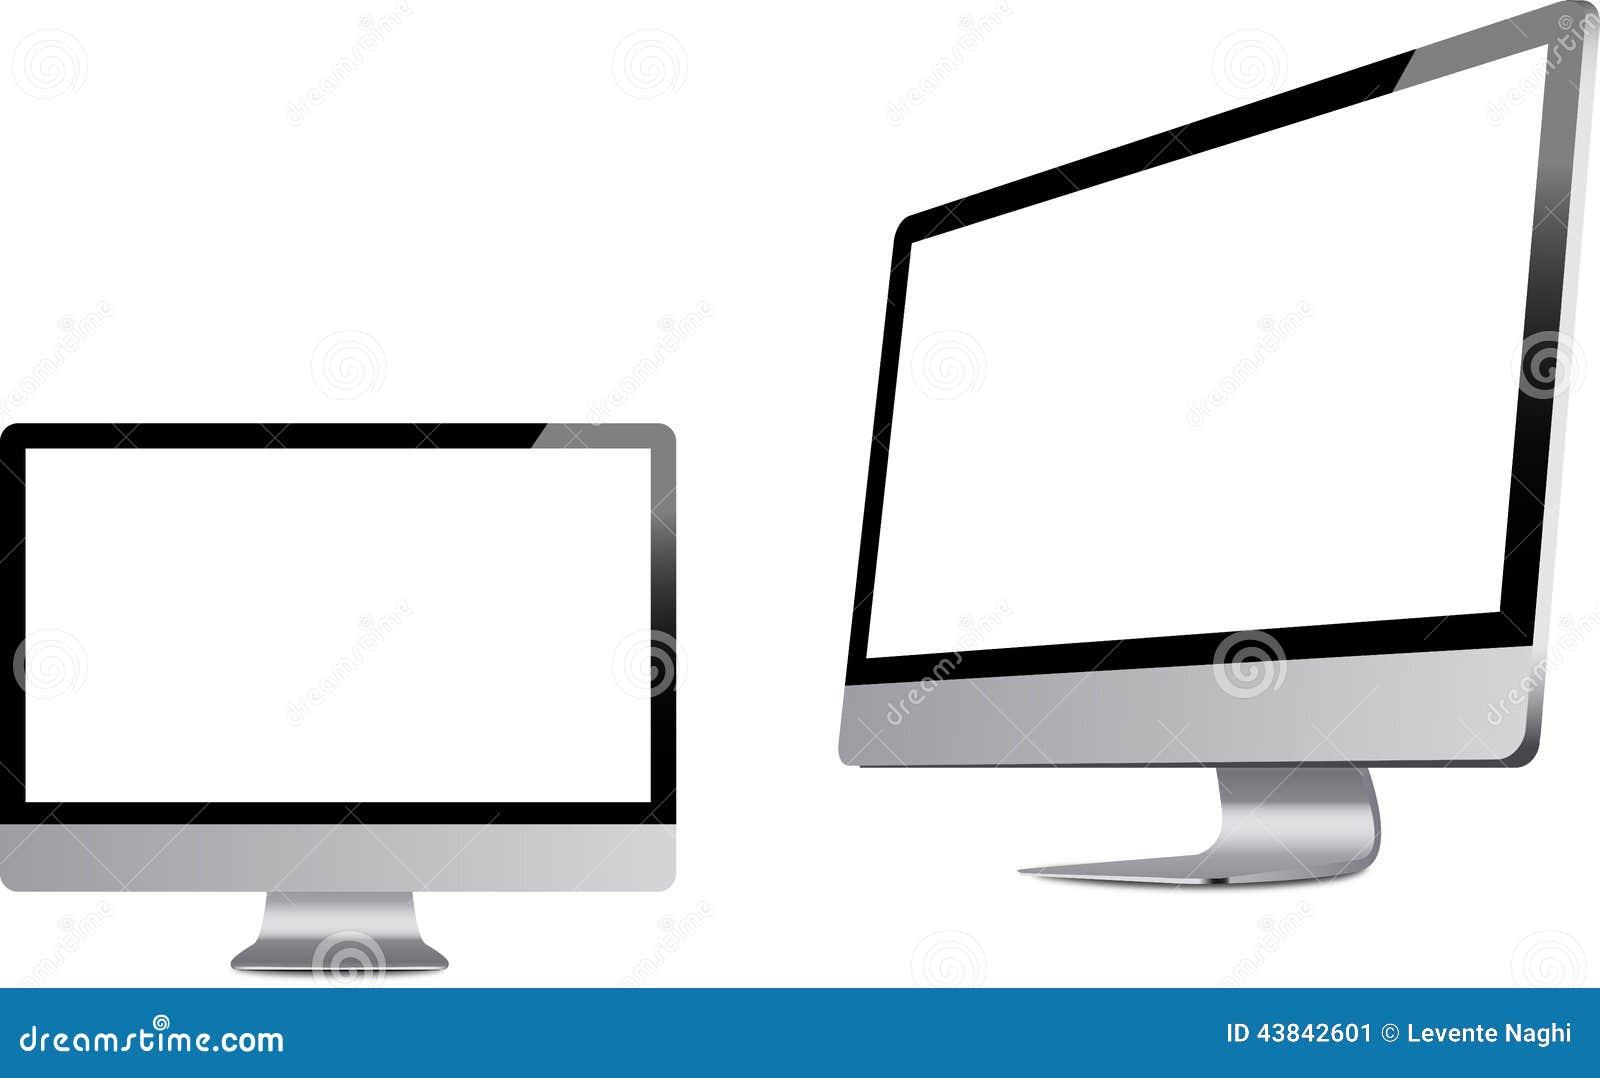 Imac le gusta monitores